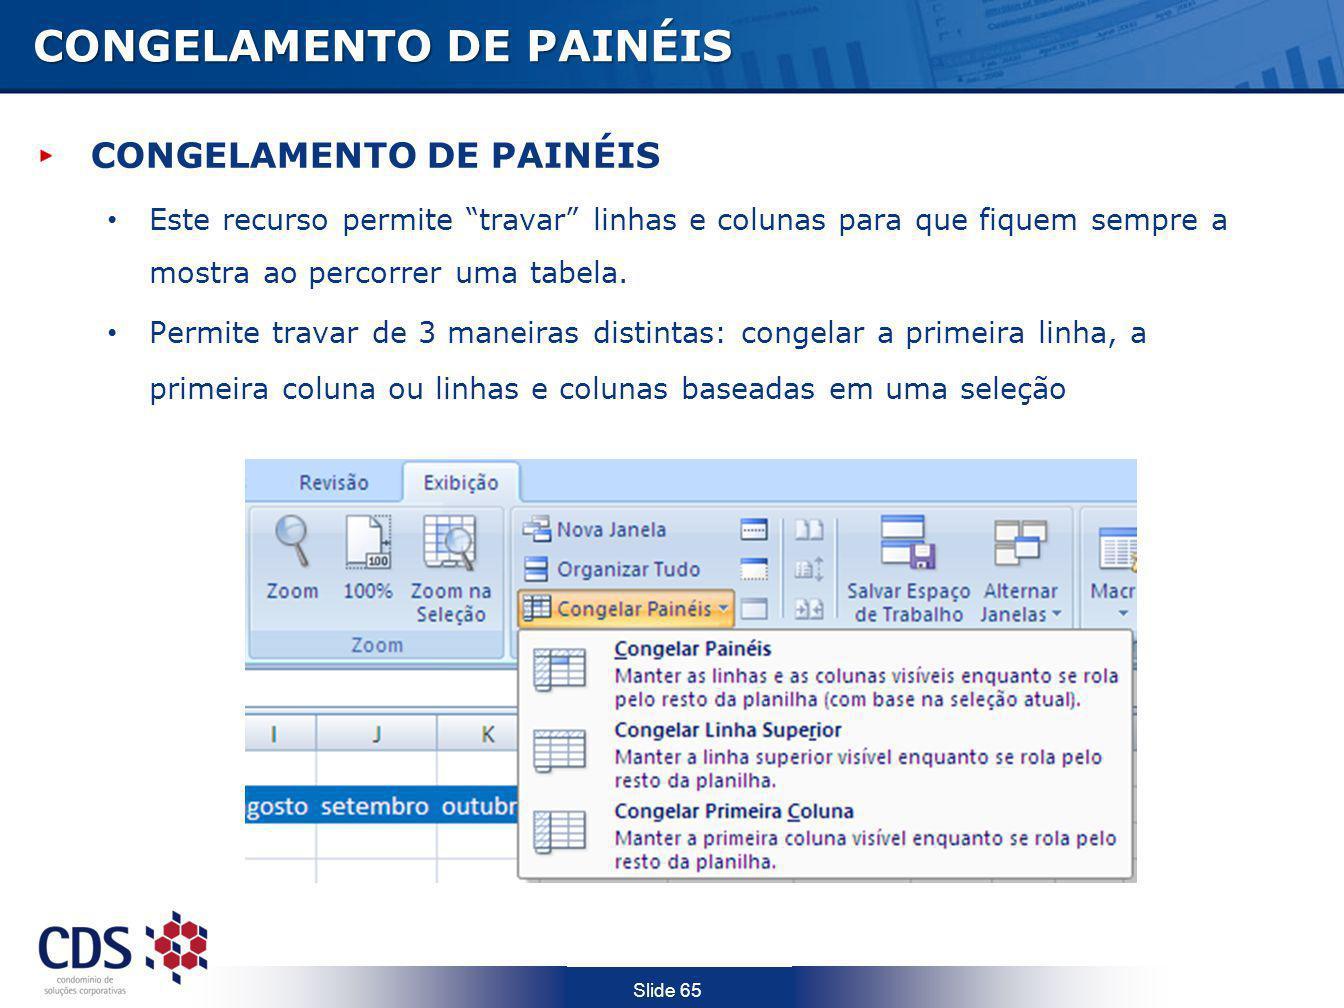 CONGELAMENTO DE PAINÉIS